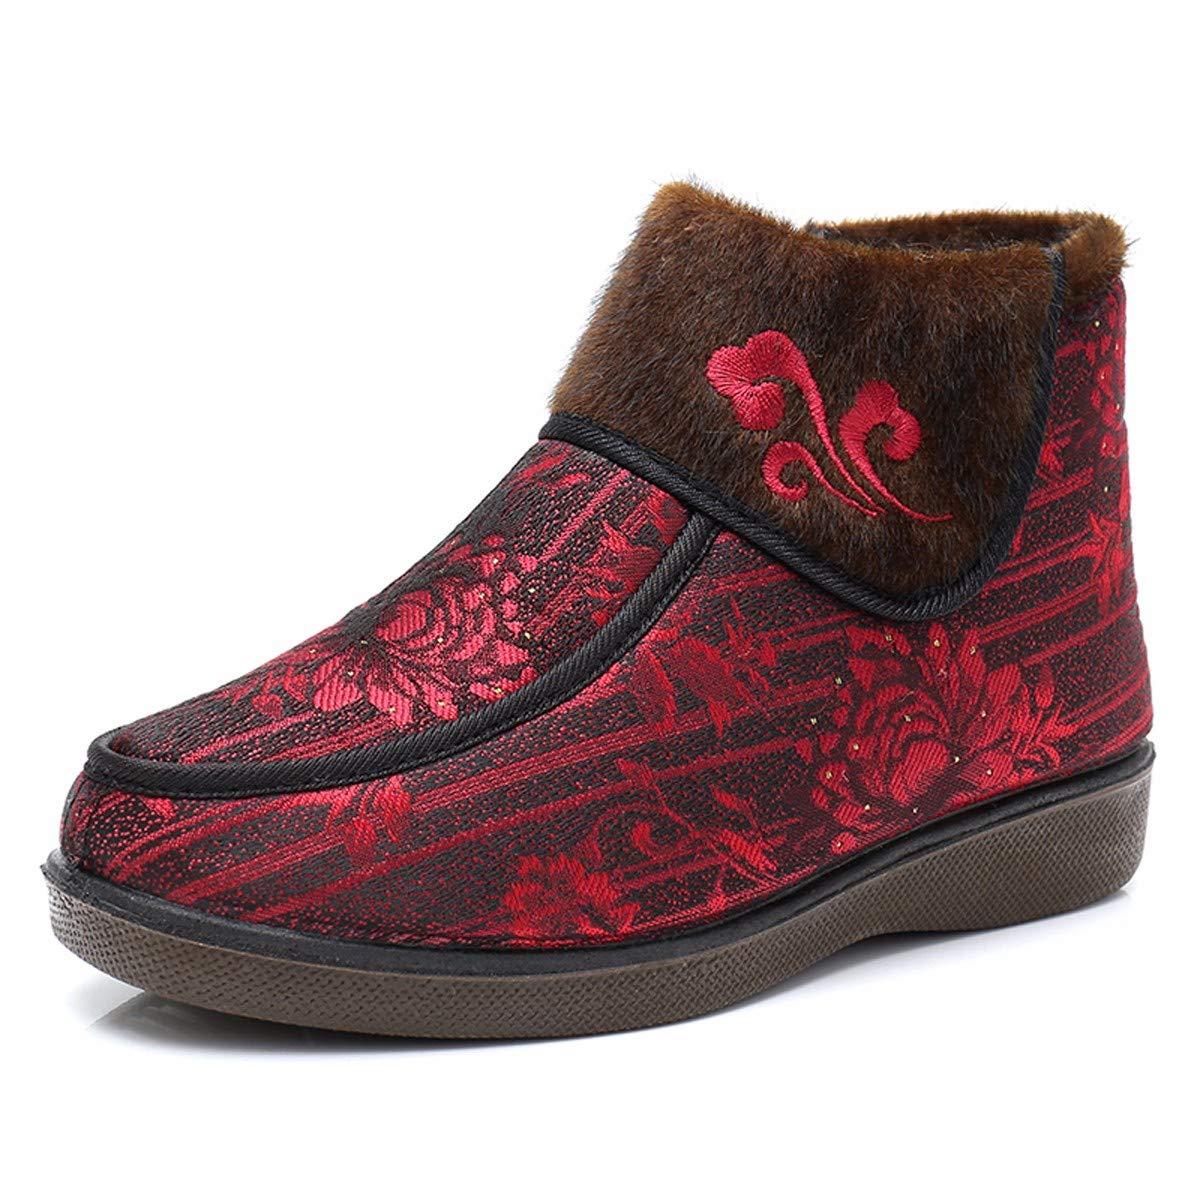 marron Forty HBDLH Chaussures pour Femmes l'hiver Le Vieux Pékin Coton Tissu Chaussures Les Chaussures Les Chaussures Antidérapantes - Laine Chaud D'Âge Moyen Et Les Personnes Âgées Mothers'chaussures Frange